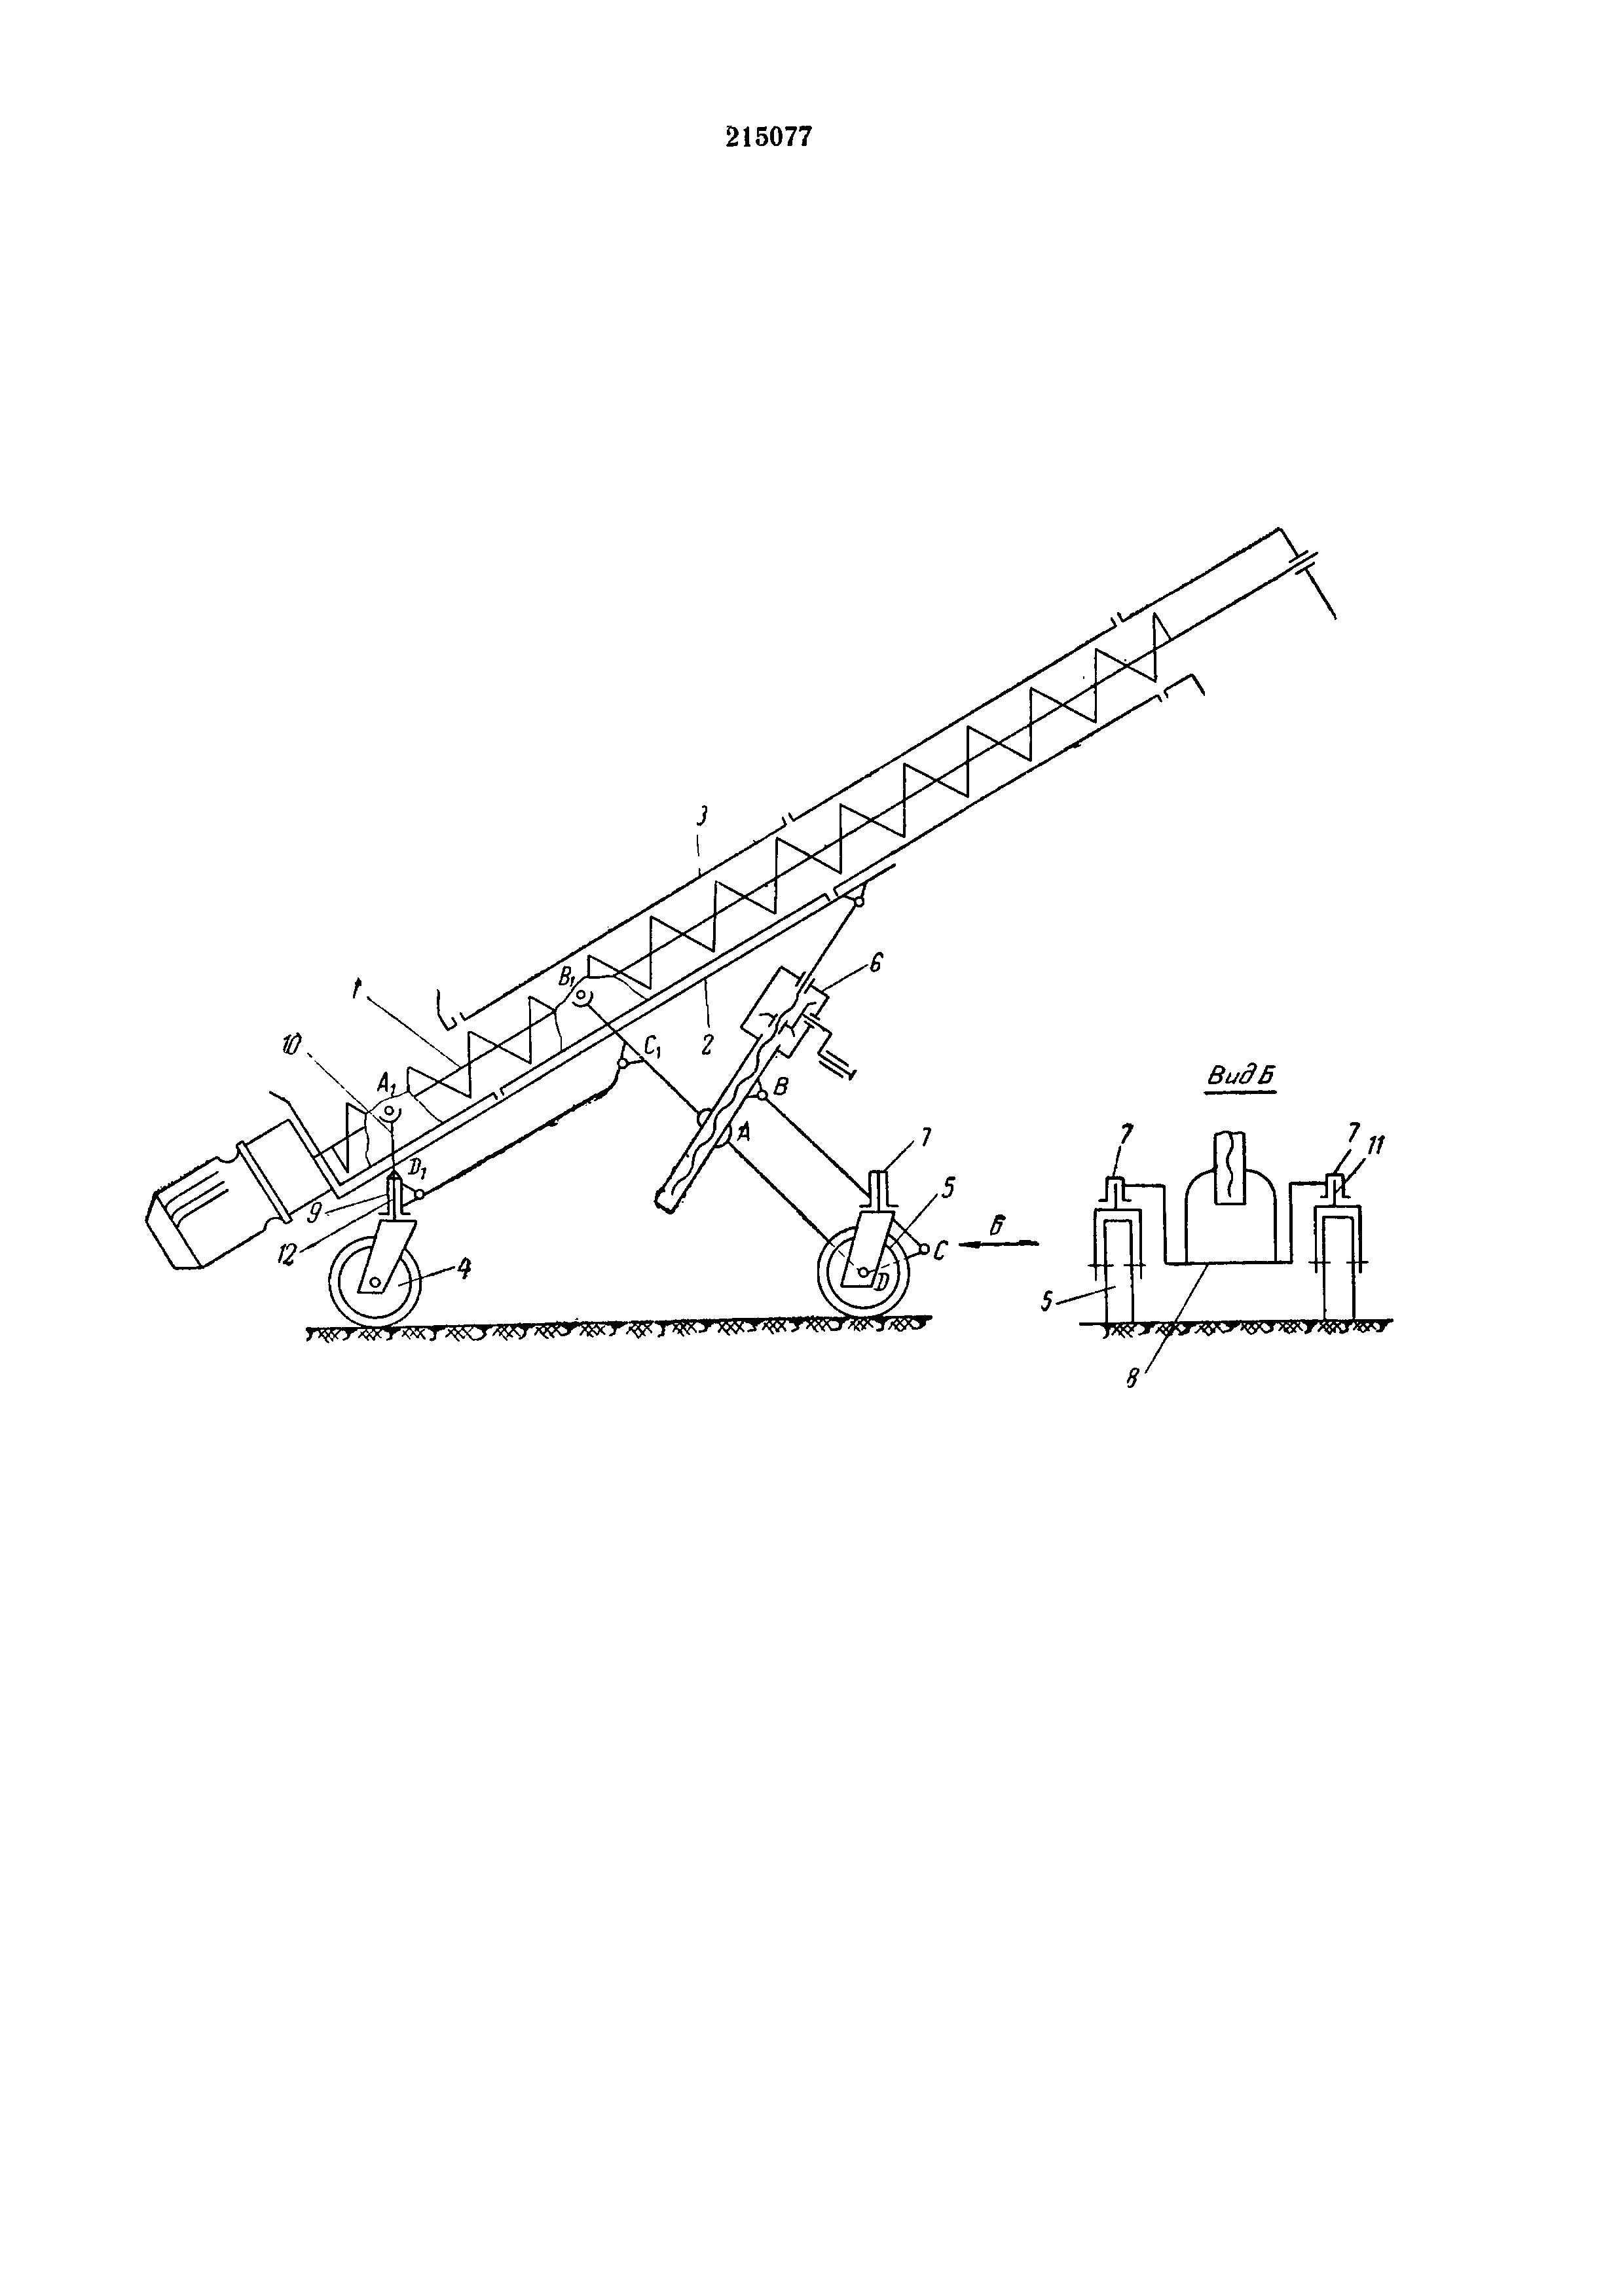 Передвижной конвейер для транспортирования сыпучего груза